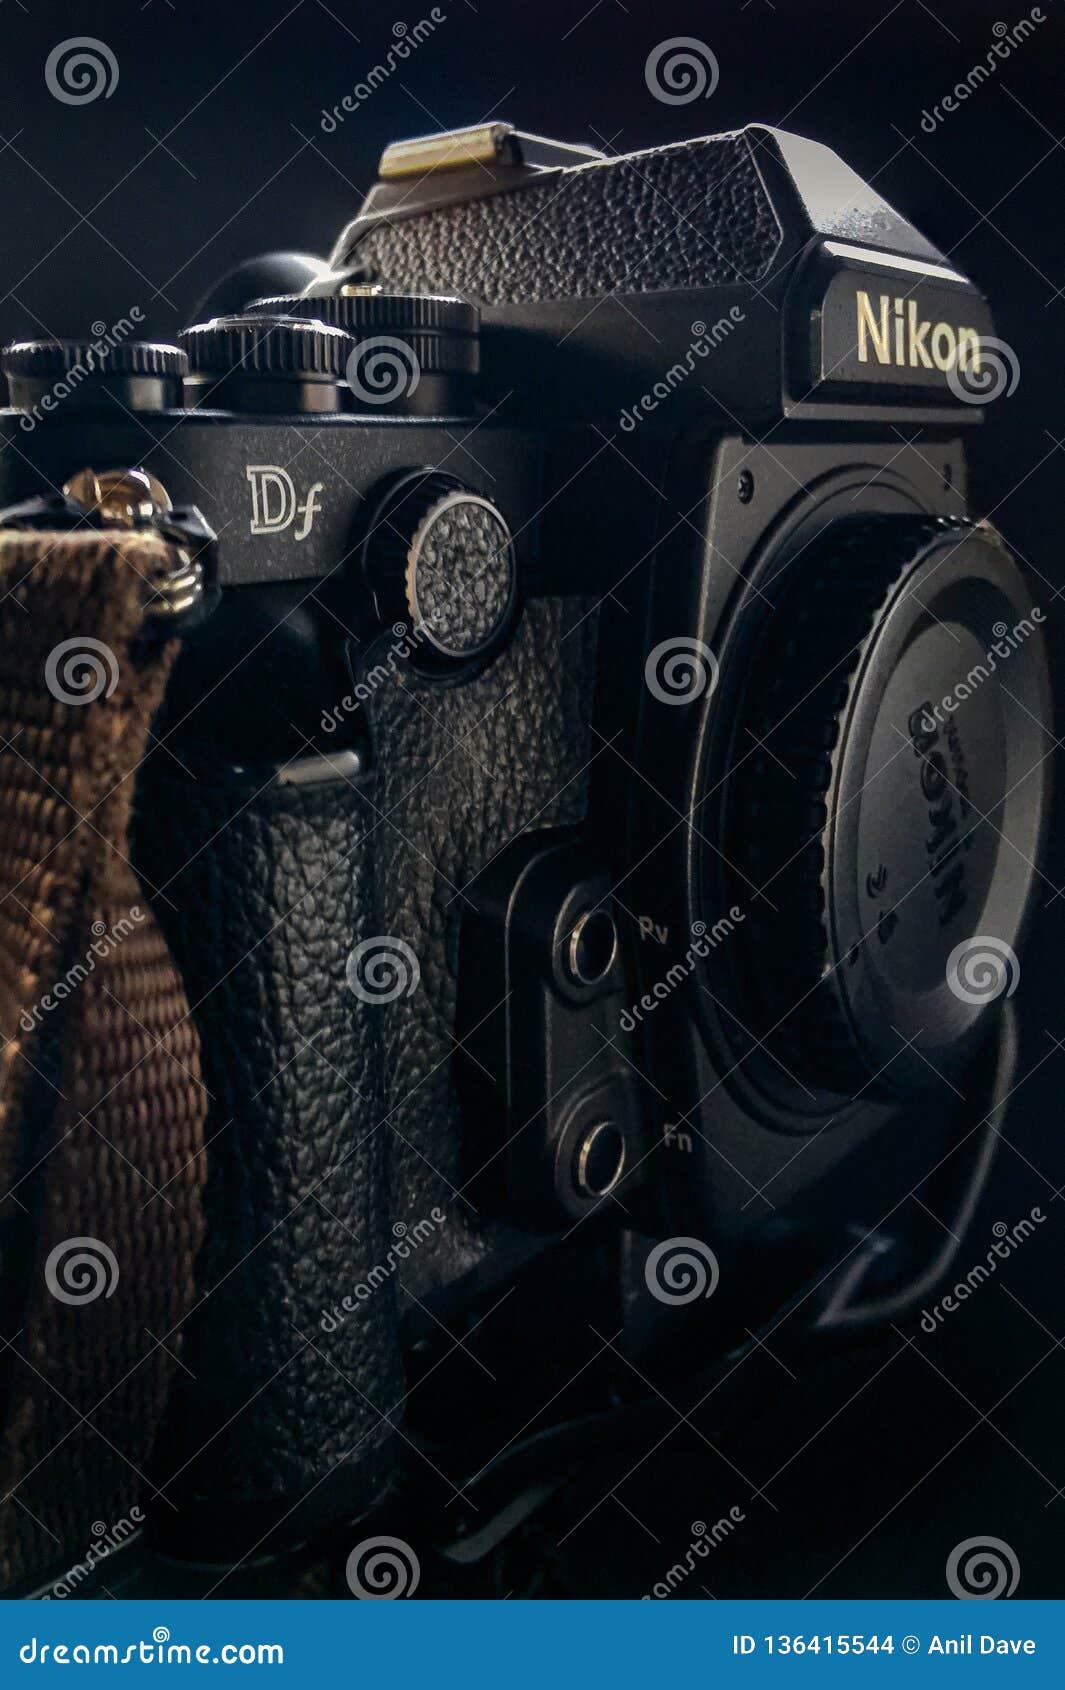 Nikon DF ein Retro- DSLR